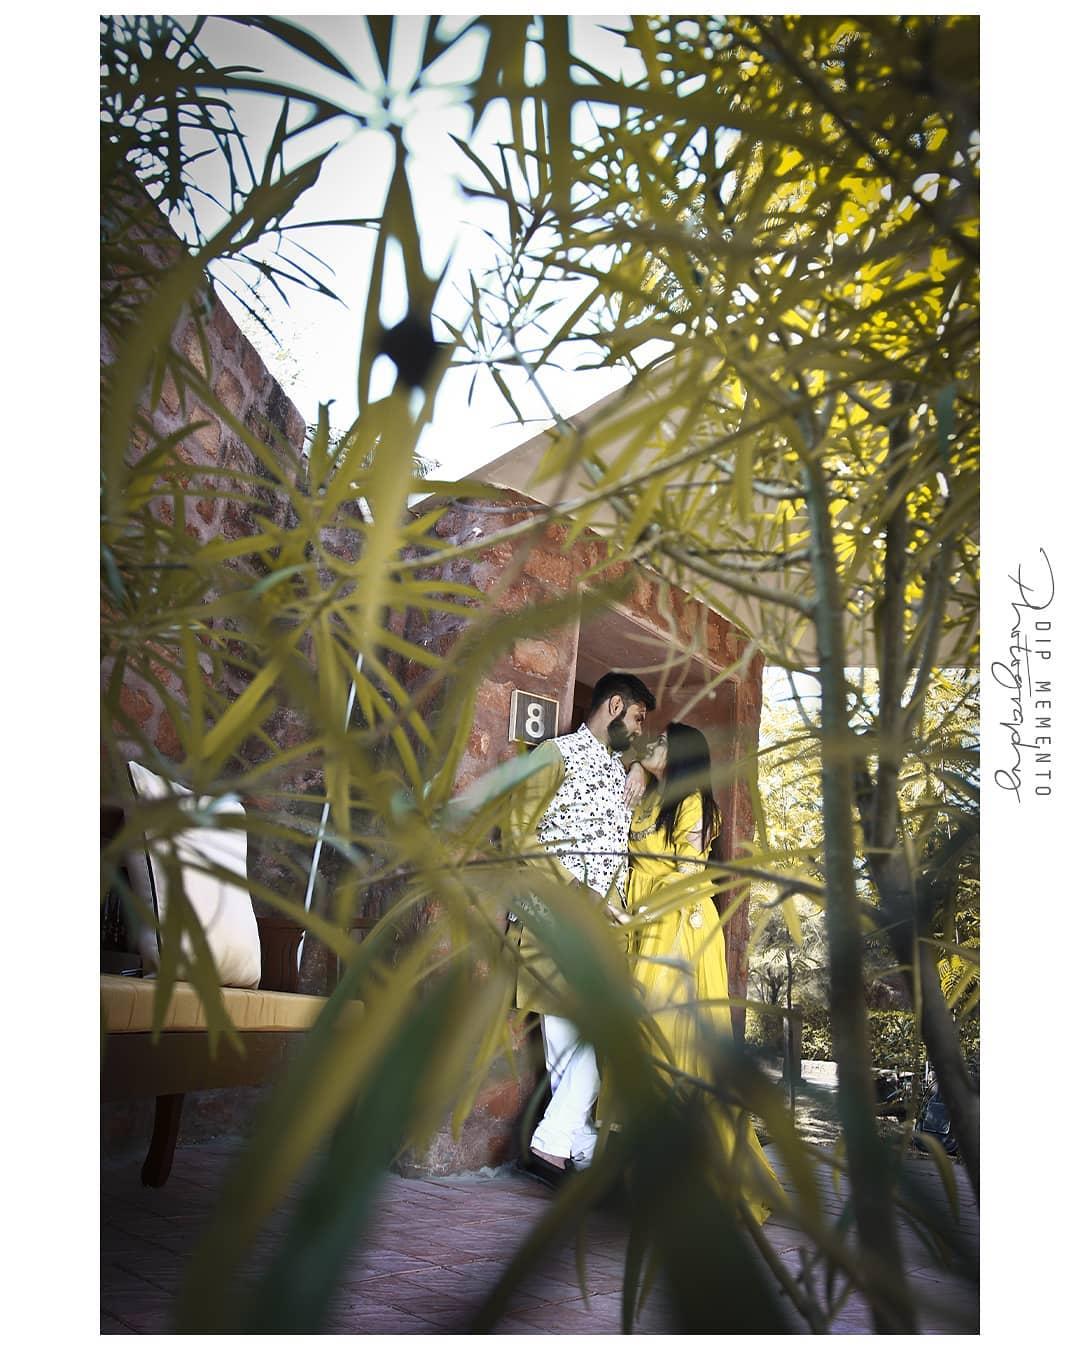 Dip Memento Photography,  prewedding, indiapictures#_soi, weddingphotography, weddingsutra#wedmegood#shaadisaga, indianwedding#wedphotoinspiration, 9924227745, weddedwonderland, indian_wedding_inspiration, coupleshoot#indianwedding#instawedding#wedwise#weddingplz, shaadiseason, bigfatindianwedding, weddingbells, indianweddingphotpgraphy, candidweddingphotography, weddingphotoinspiration, dipmementophotography, weddingz